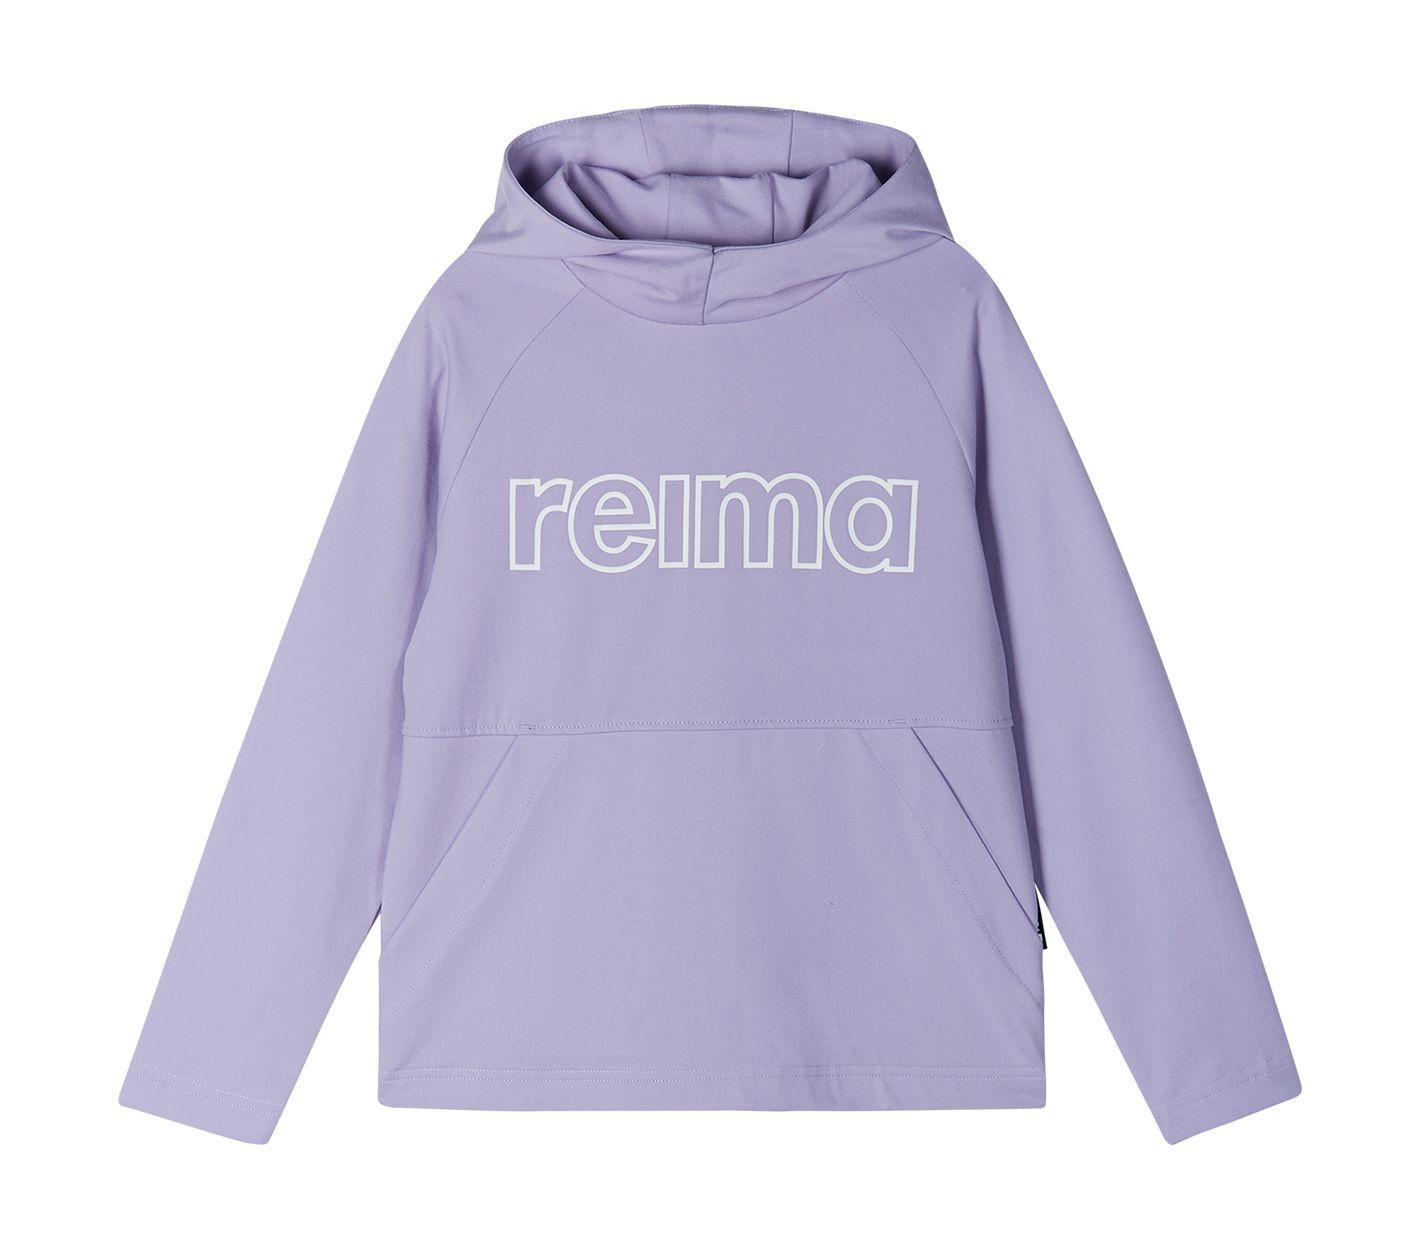 REIMA Lupaus Light Violet 116